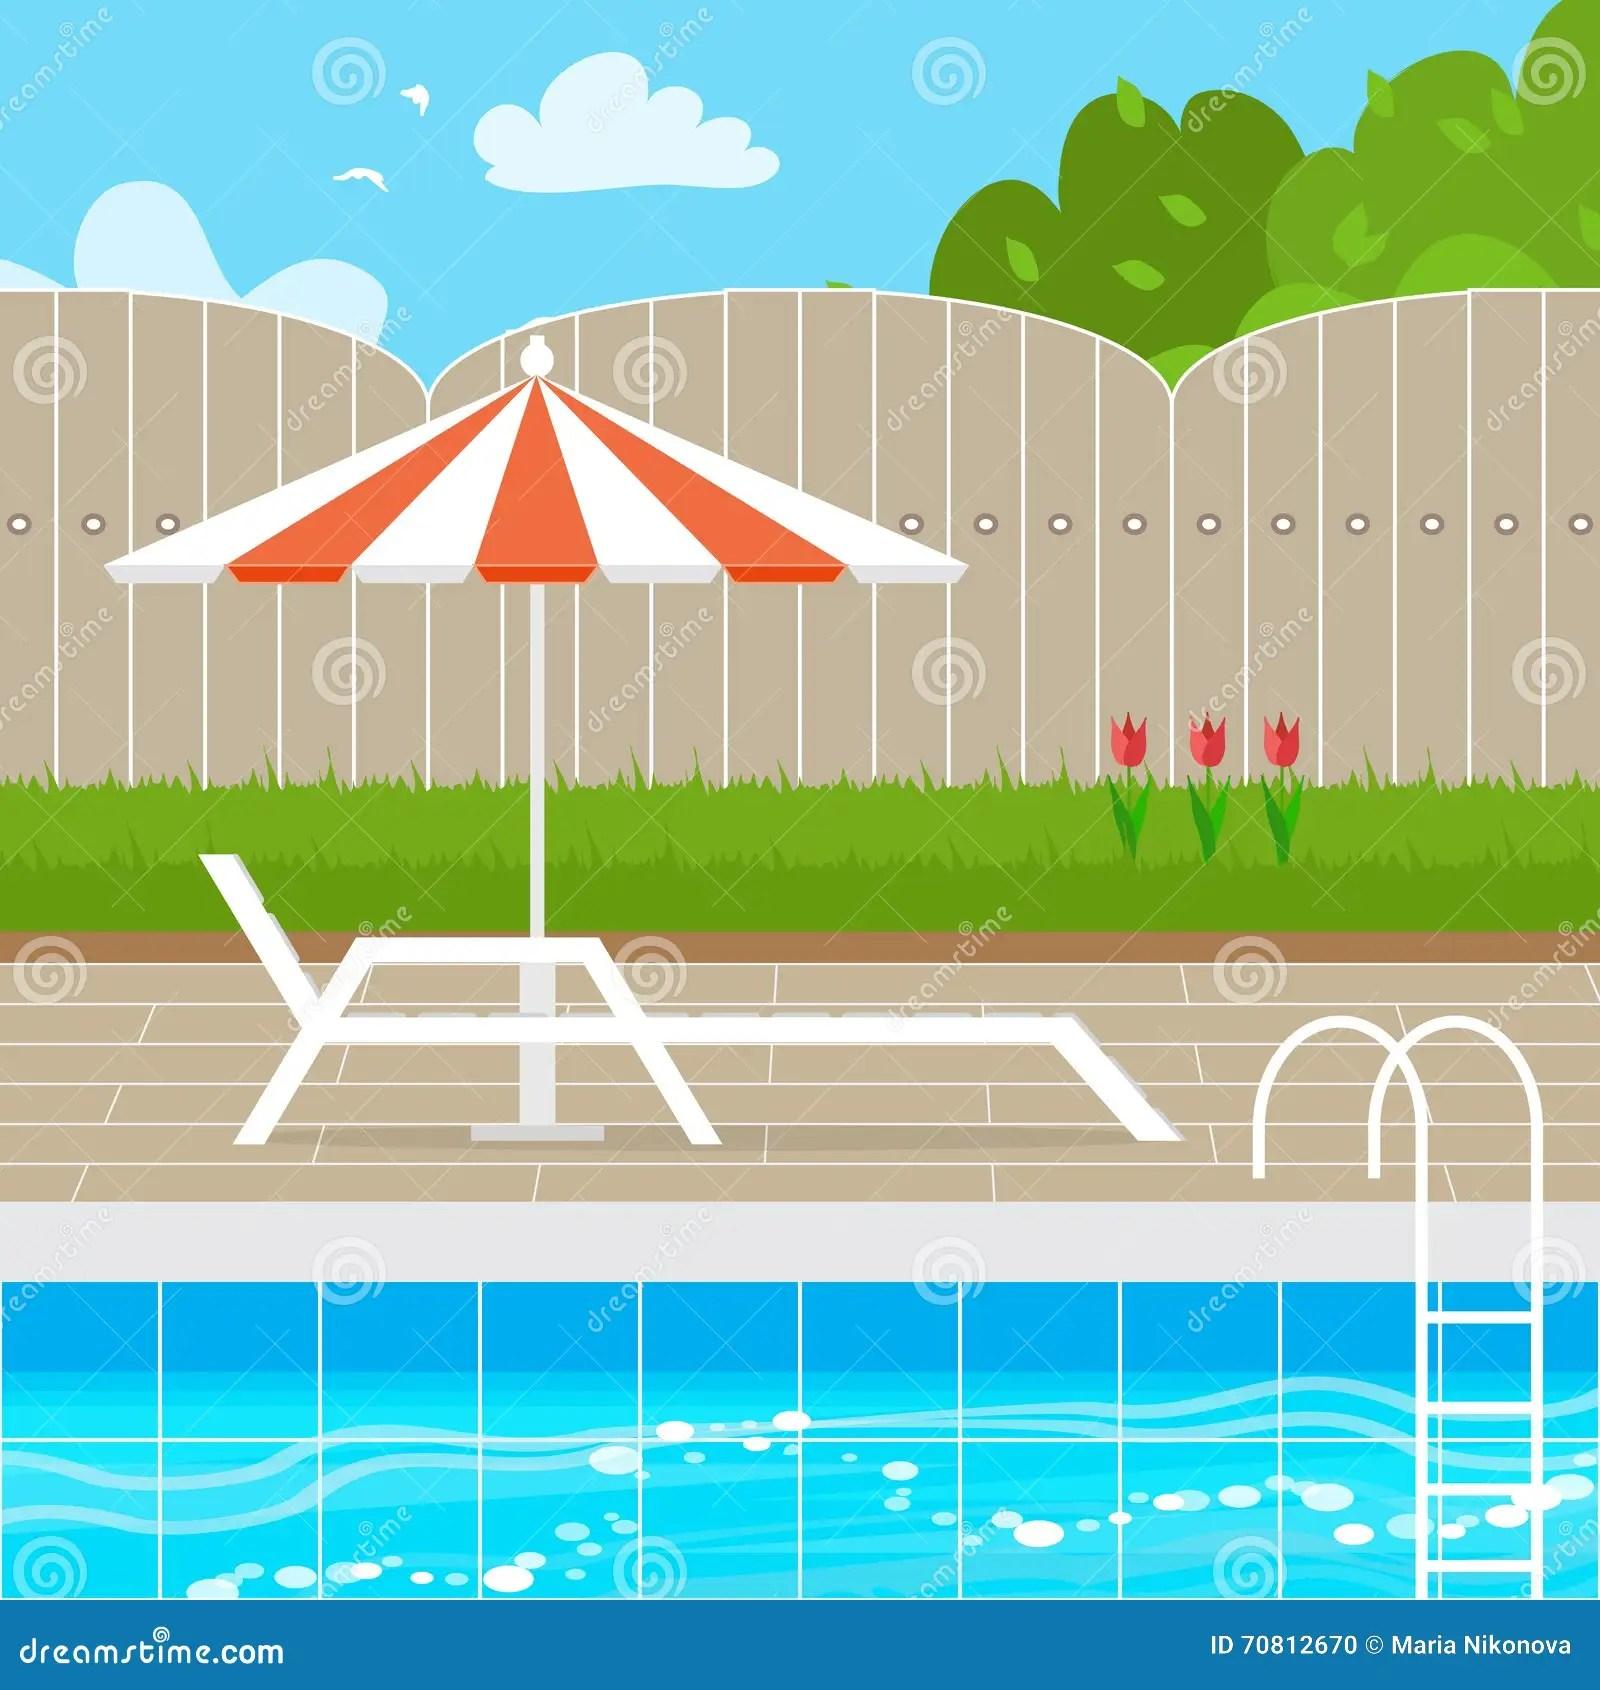 有遮陽傘傘的輕便馬車休息室在游泳池附近 向量例證. 插畫 包括有 有遮陽傘傘的輕便馬車休息室在游泳池附近 - 70812670